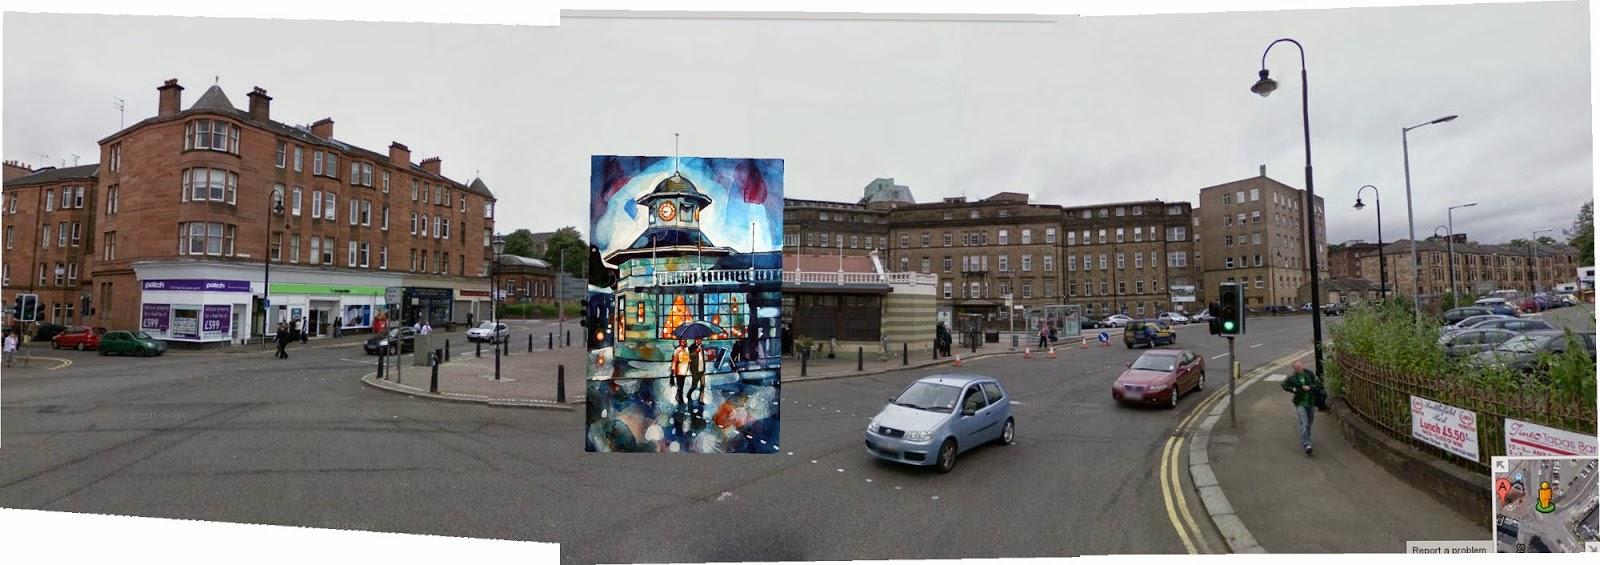 Bryan Evans , Battlefield Rest , Glasgow